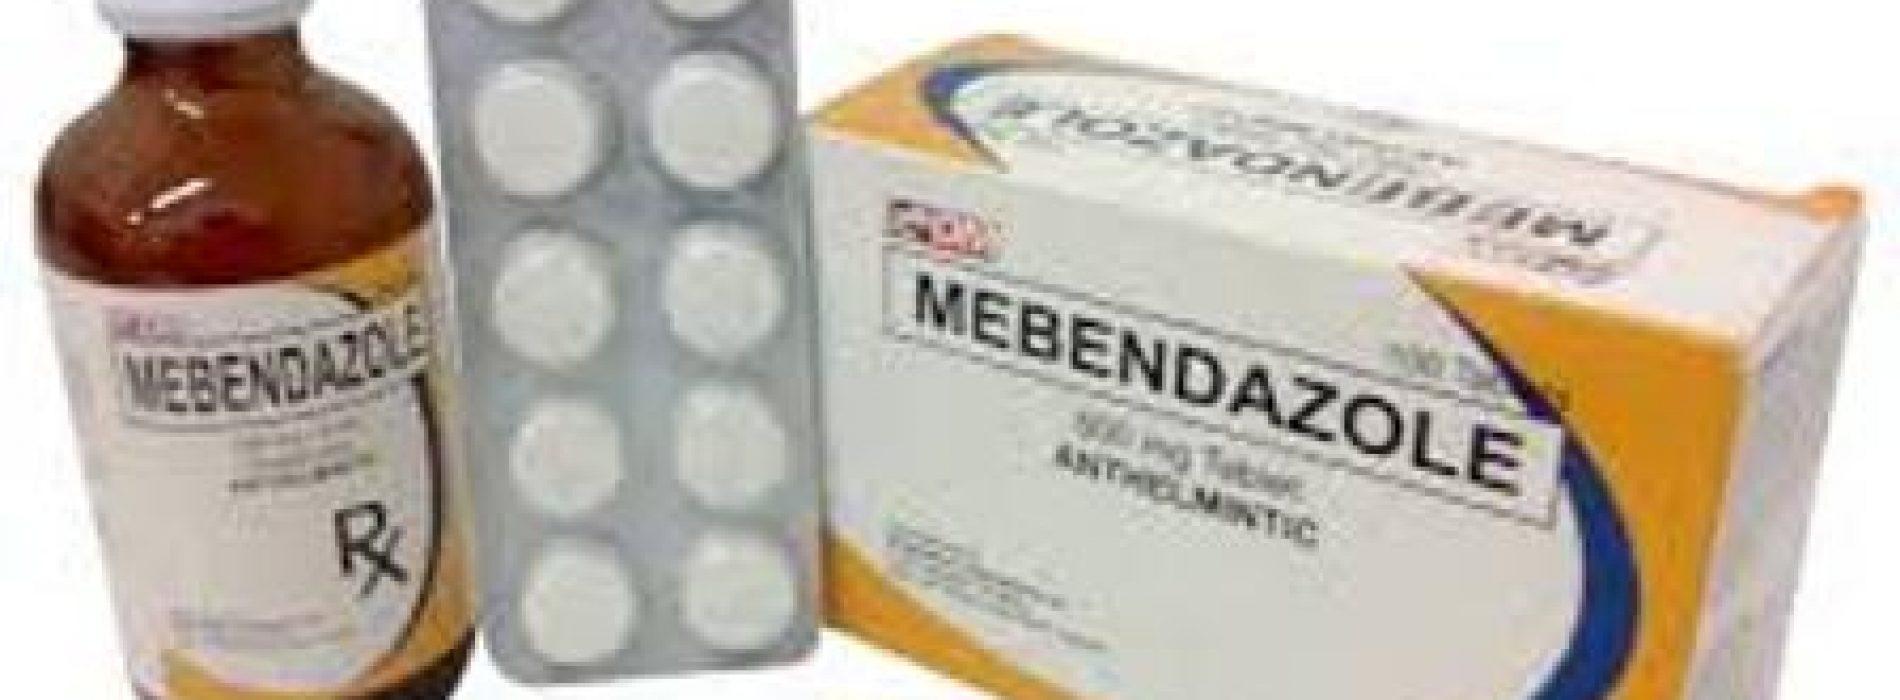 Mebendazole images